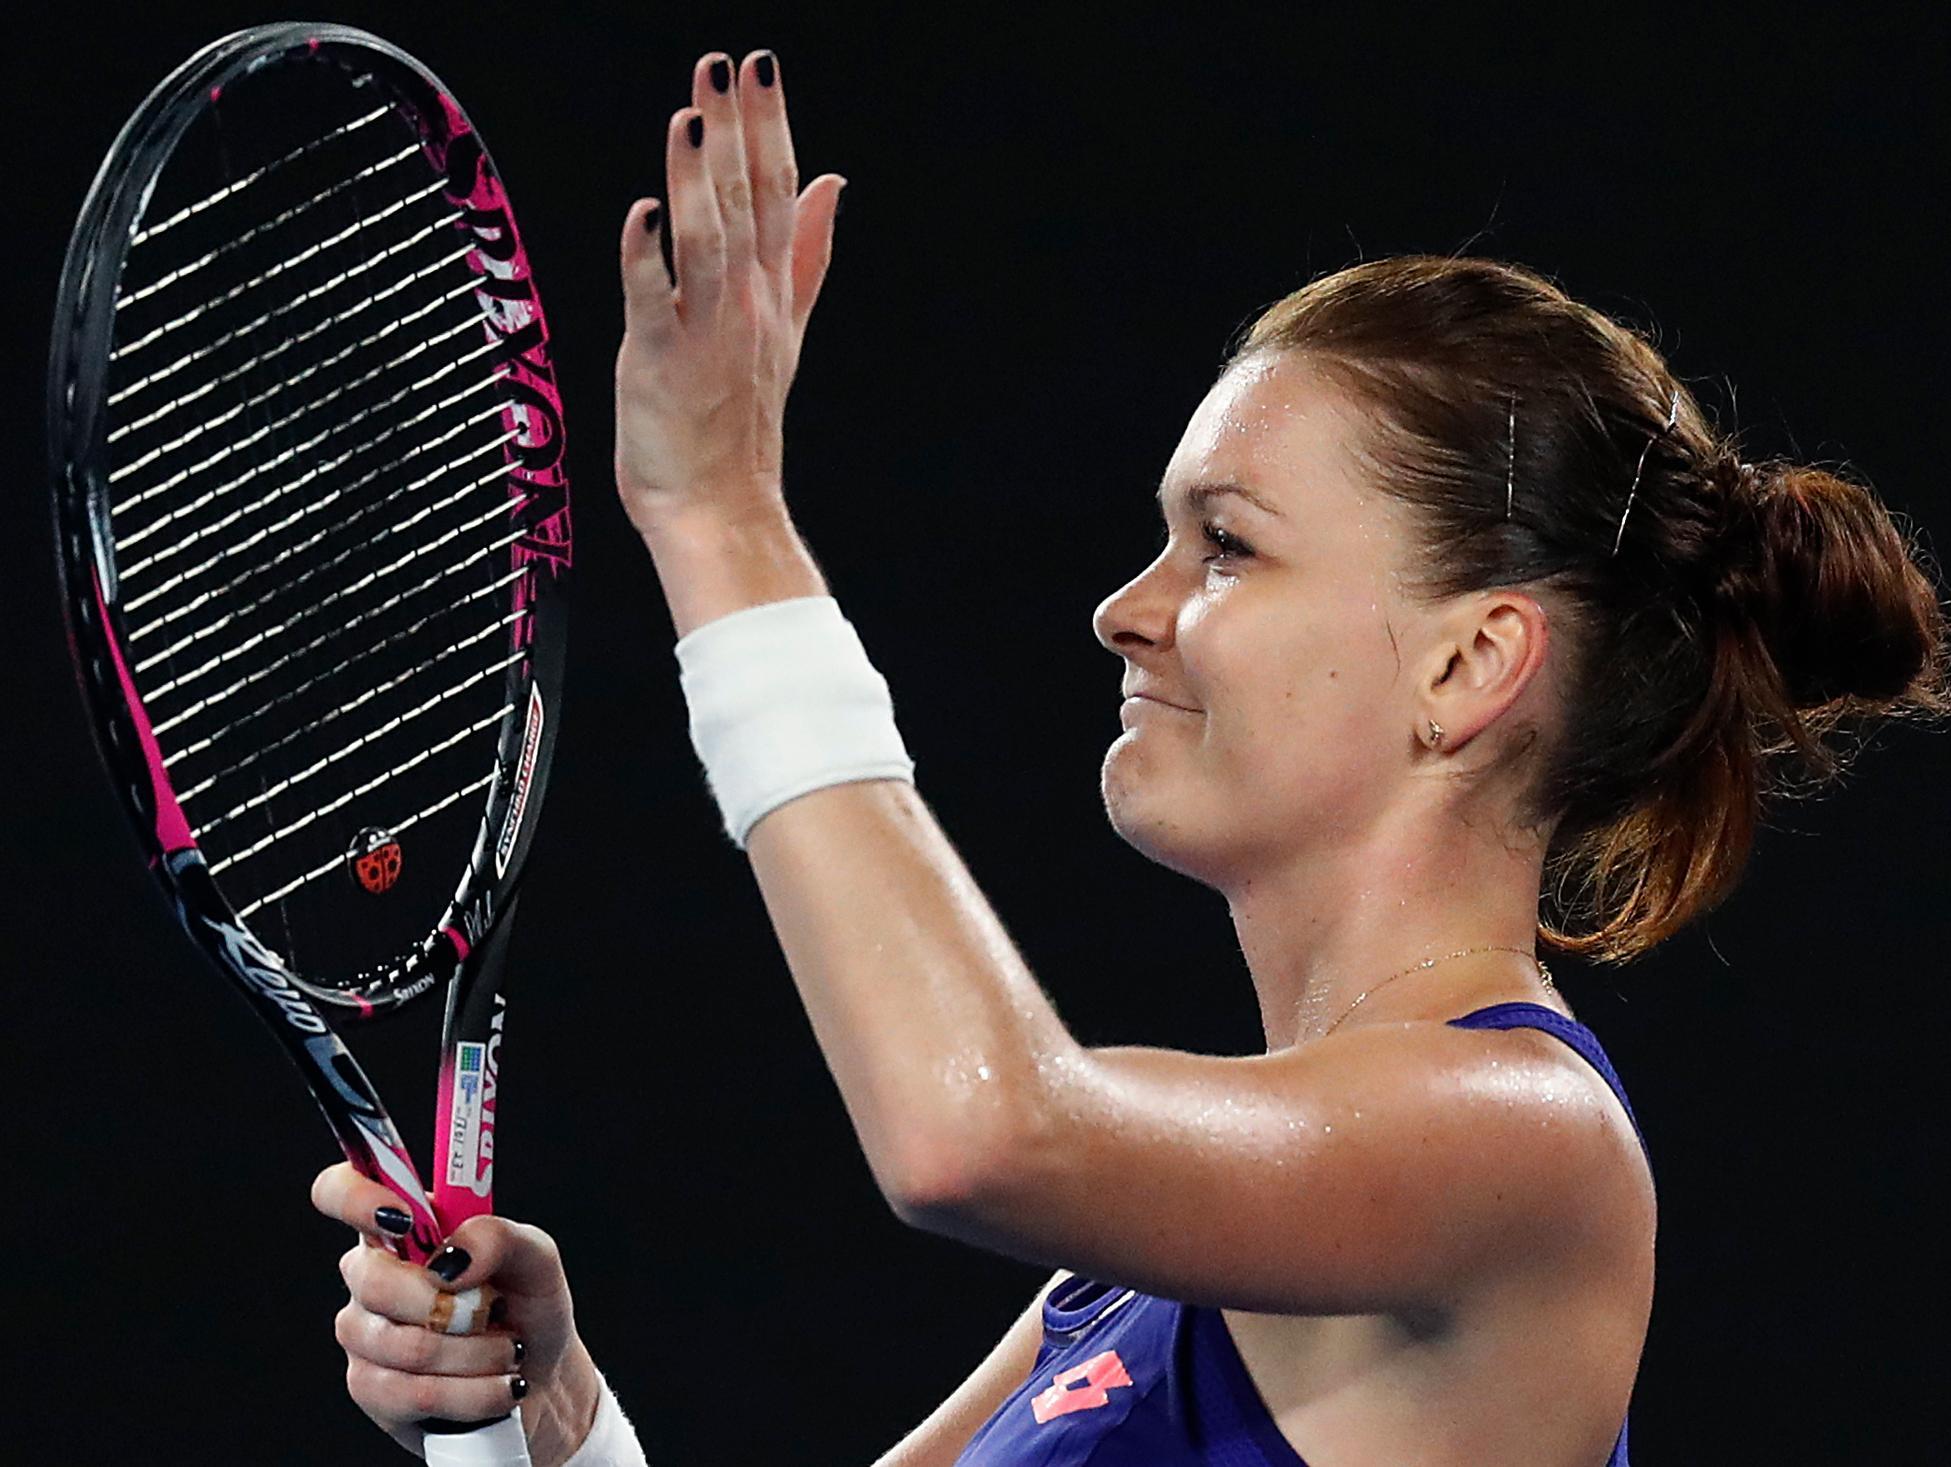 אגניישקה רדוואנסקה הודיעה על פרישה מטניס בגיל 29